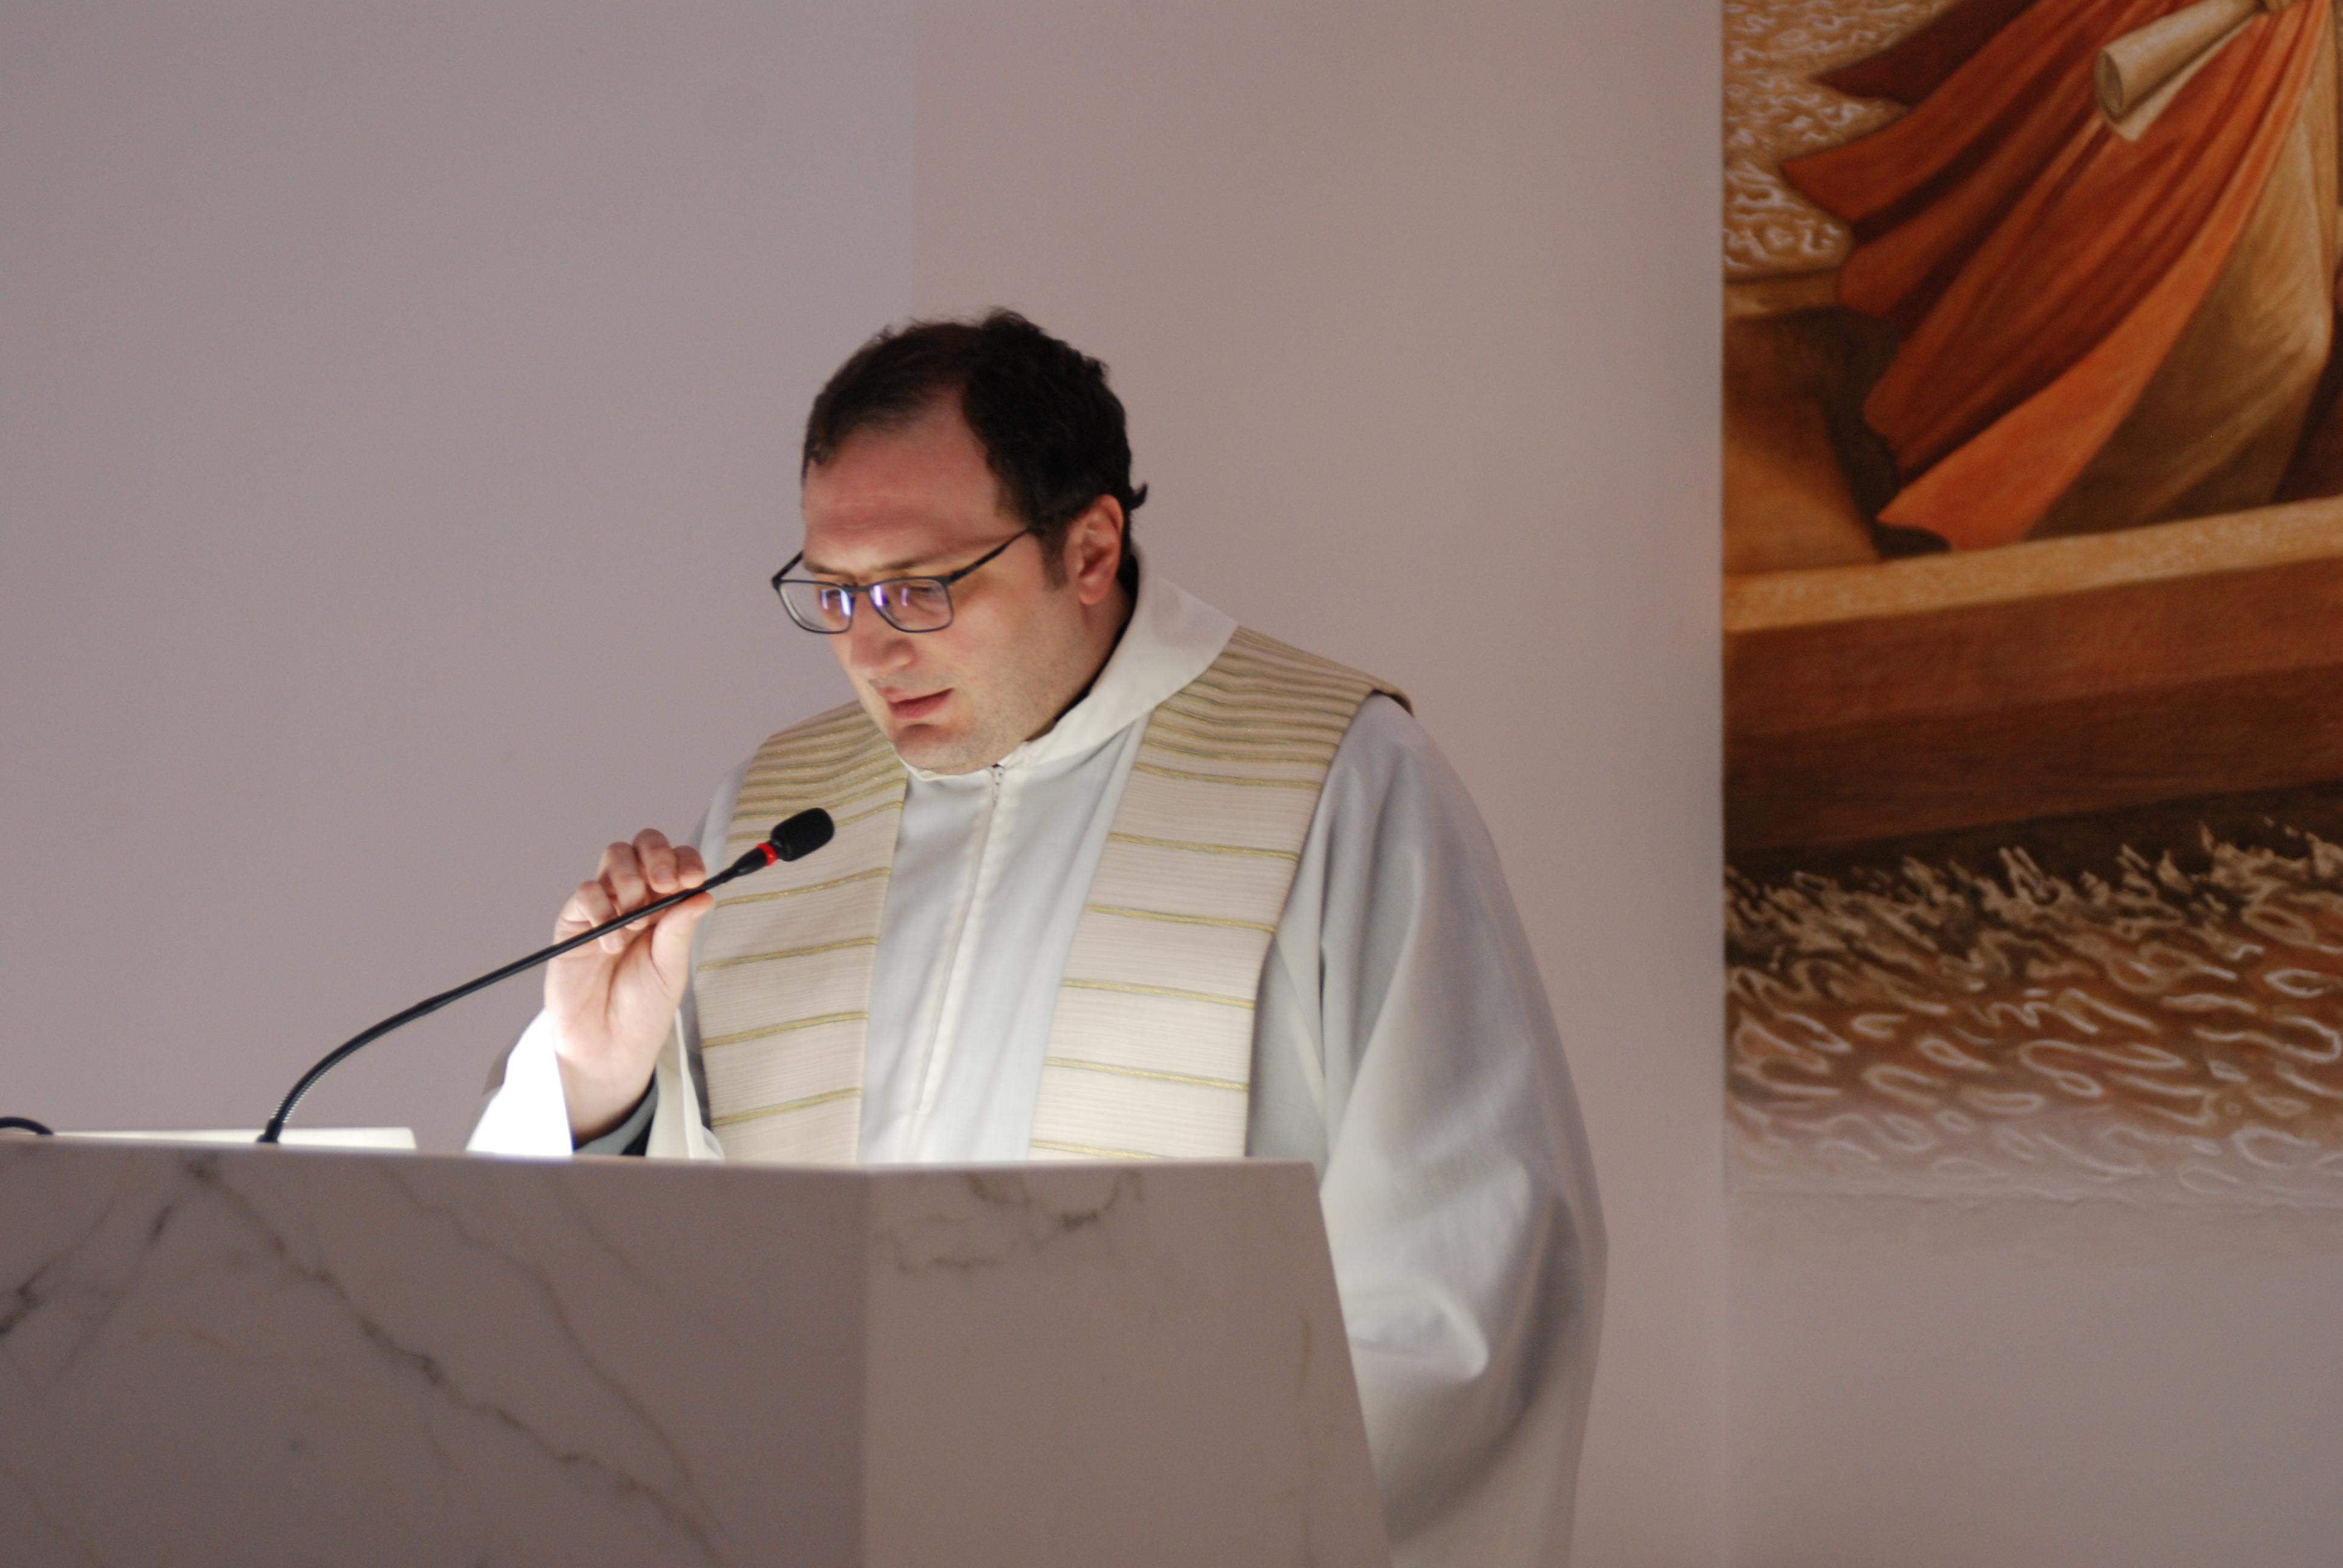 preghiera ecumenica (25)